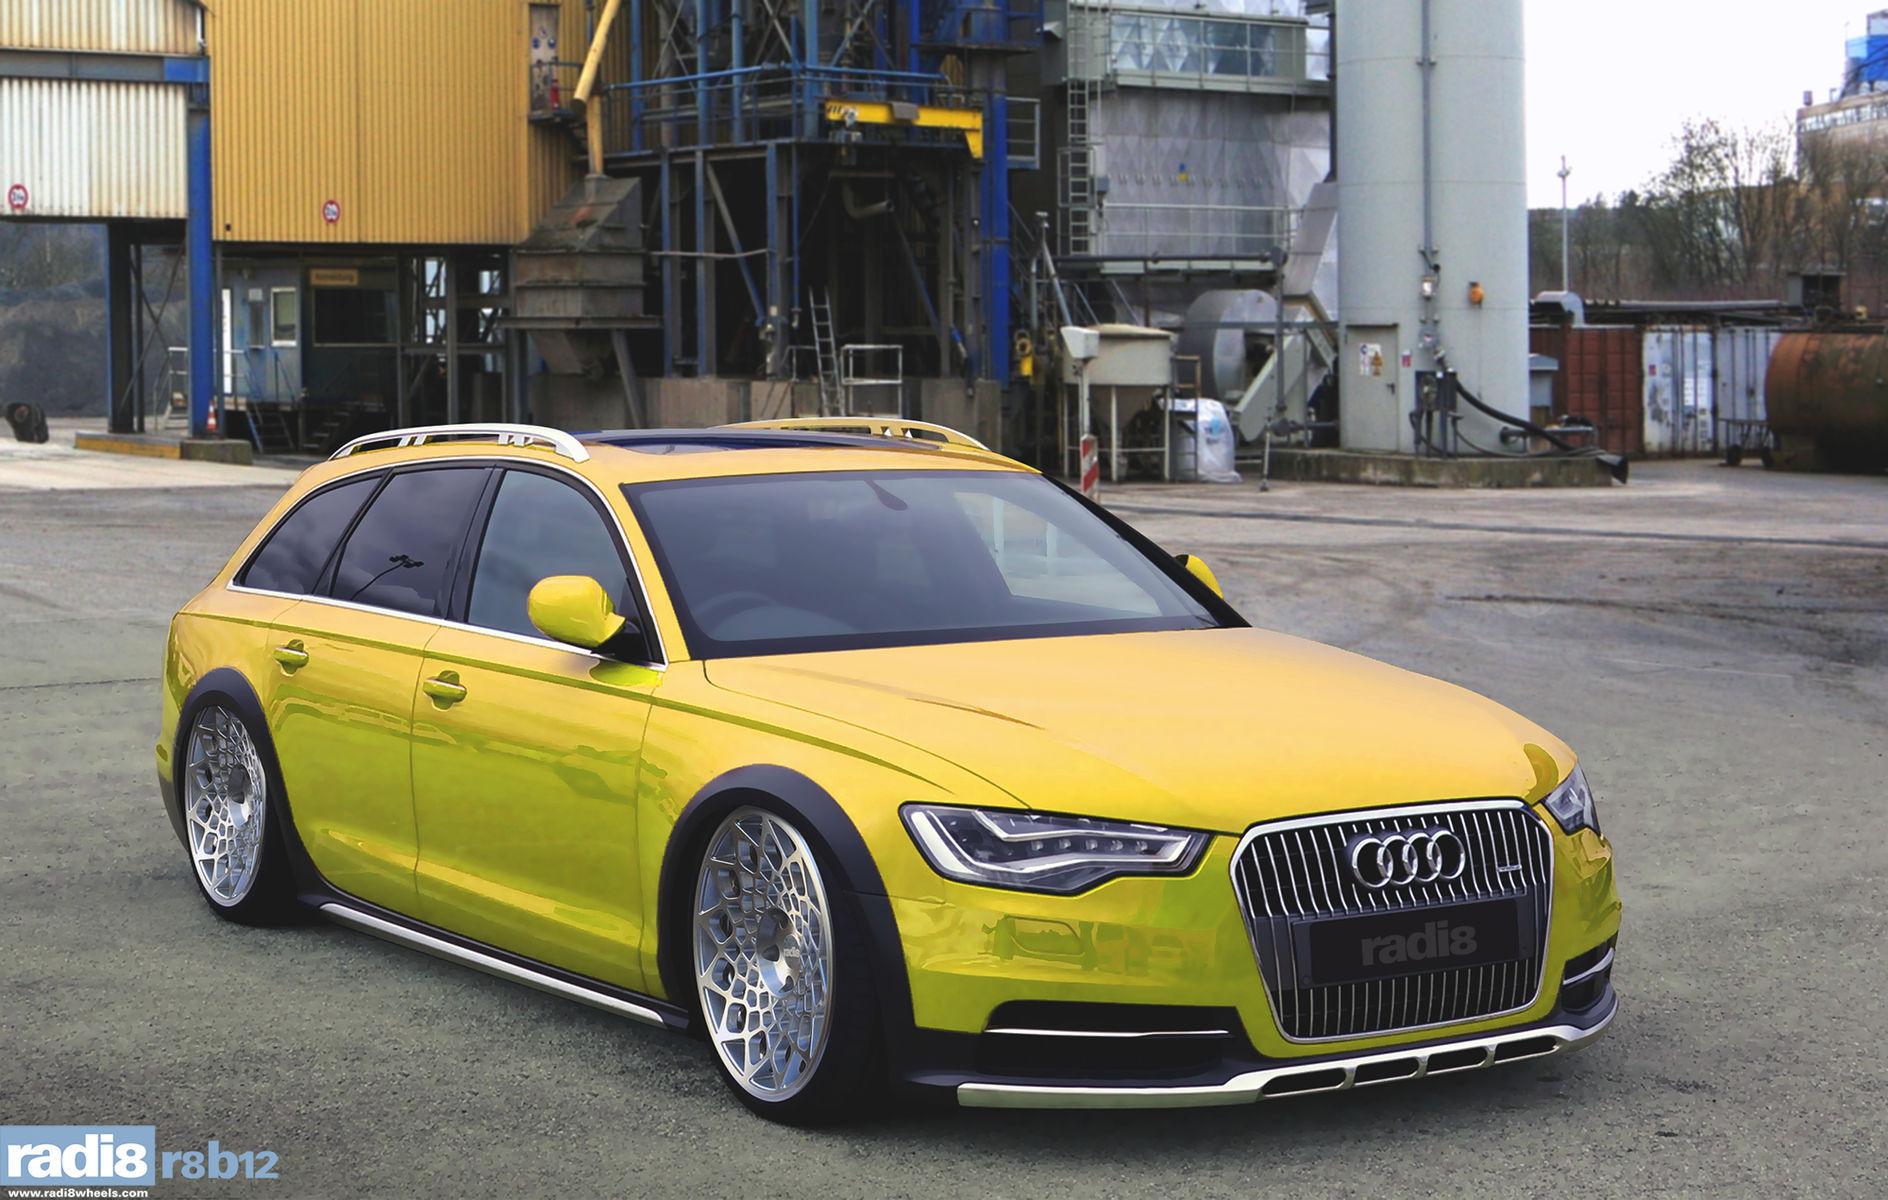 Audi allroad | Radi8 R8B12 - Audi A6 Allroad